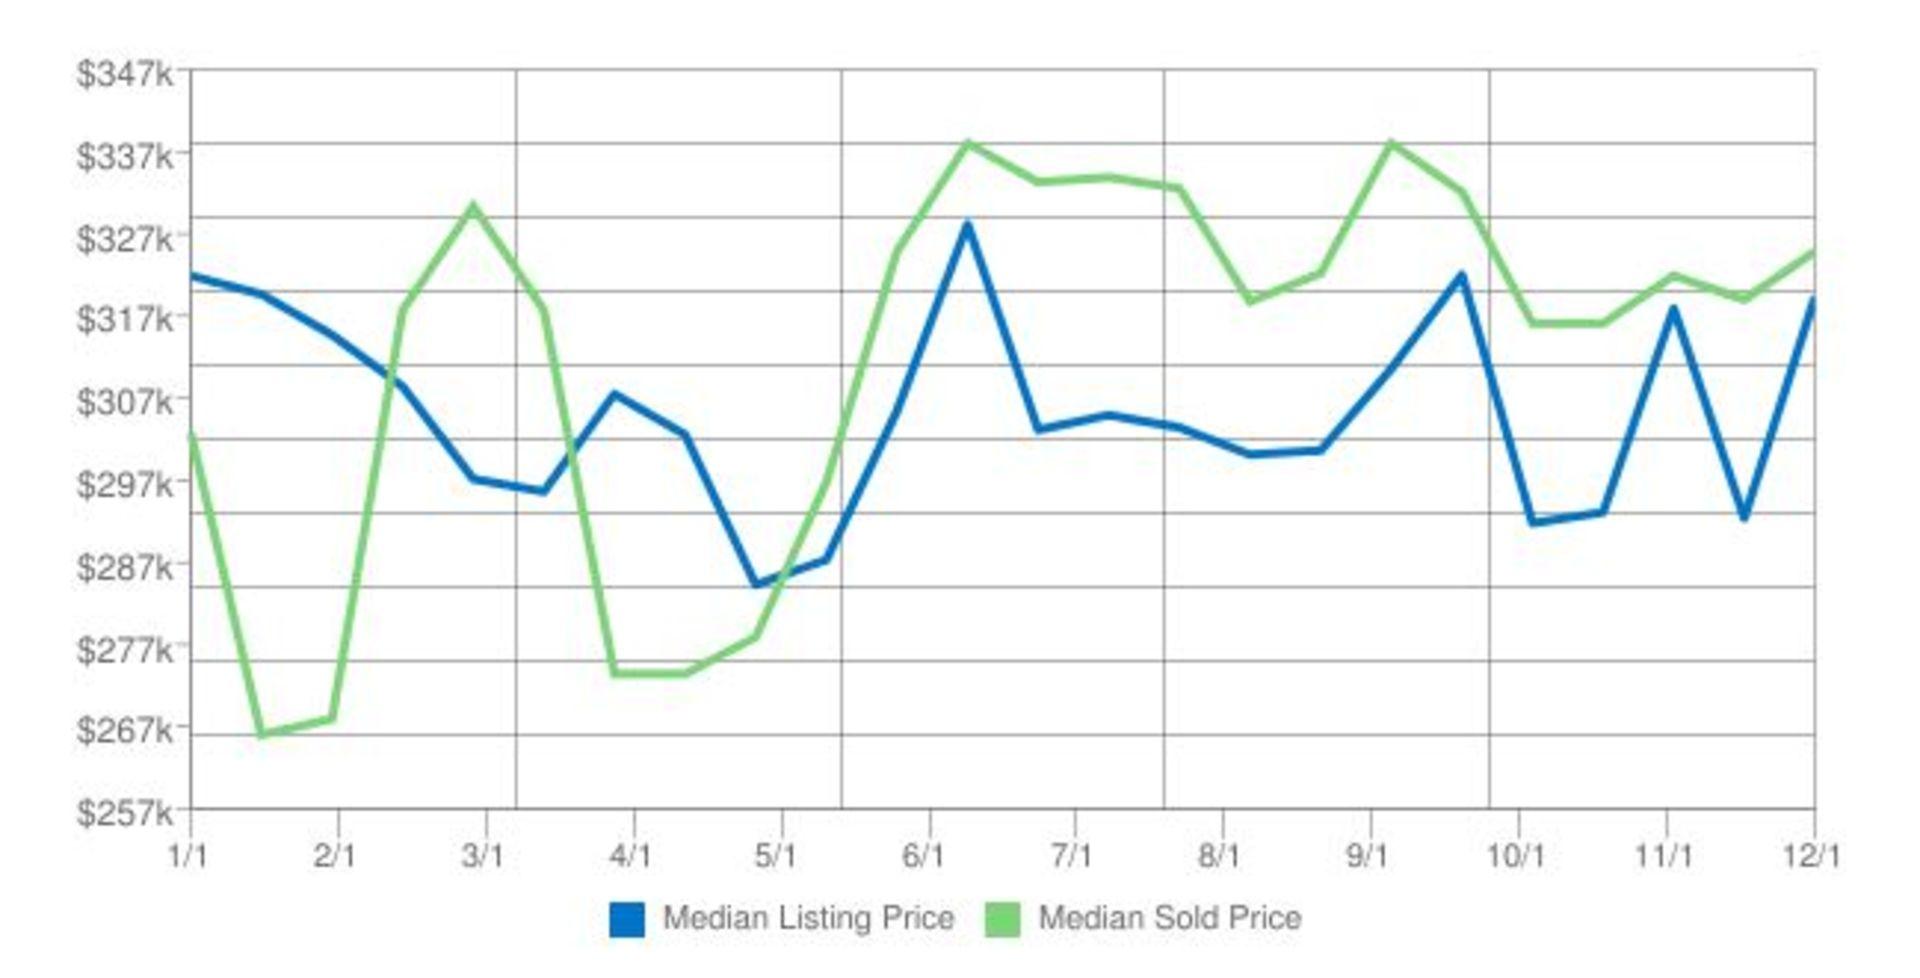 Home Prices in Kodiak Alaska for December 2016